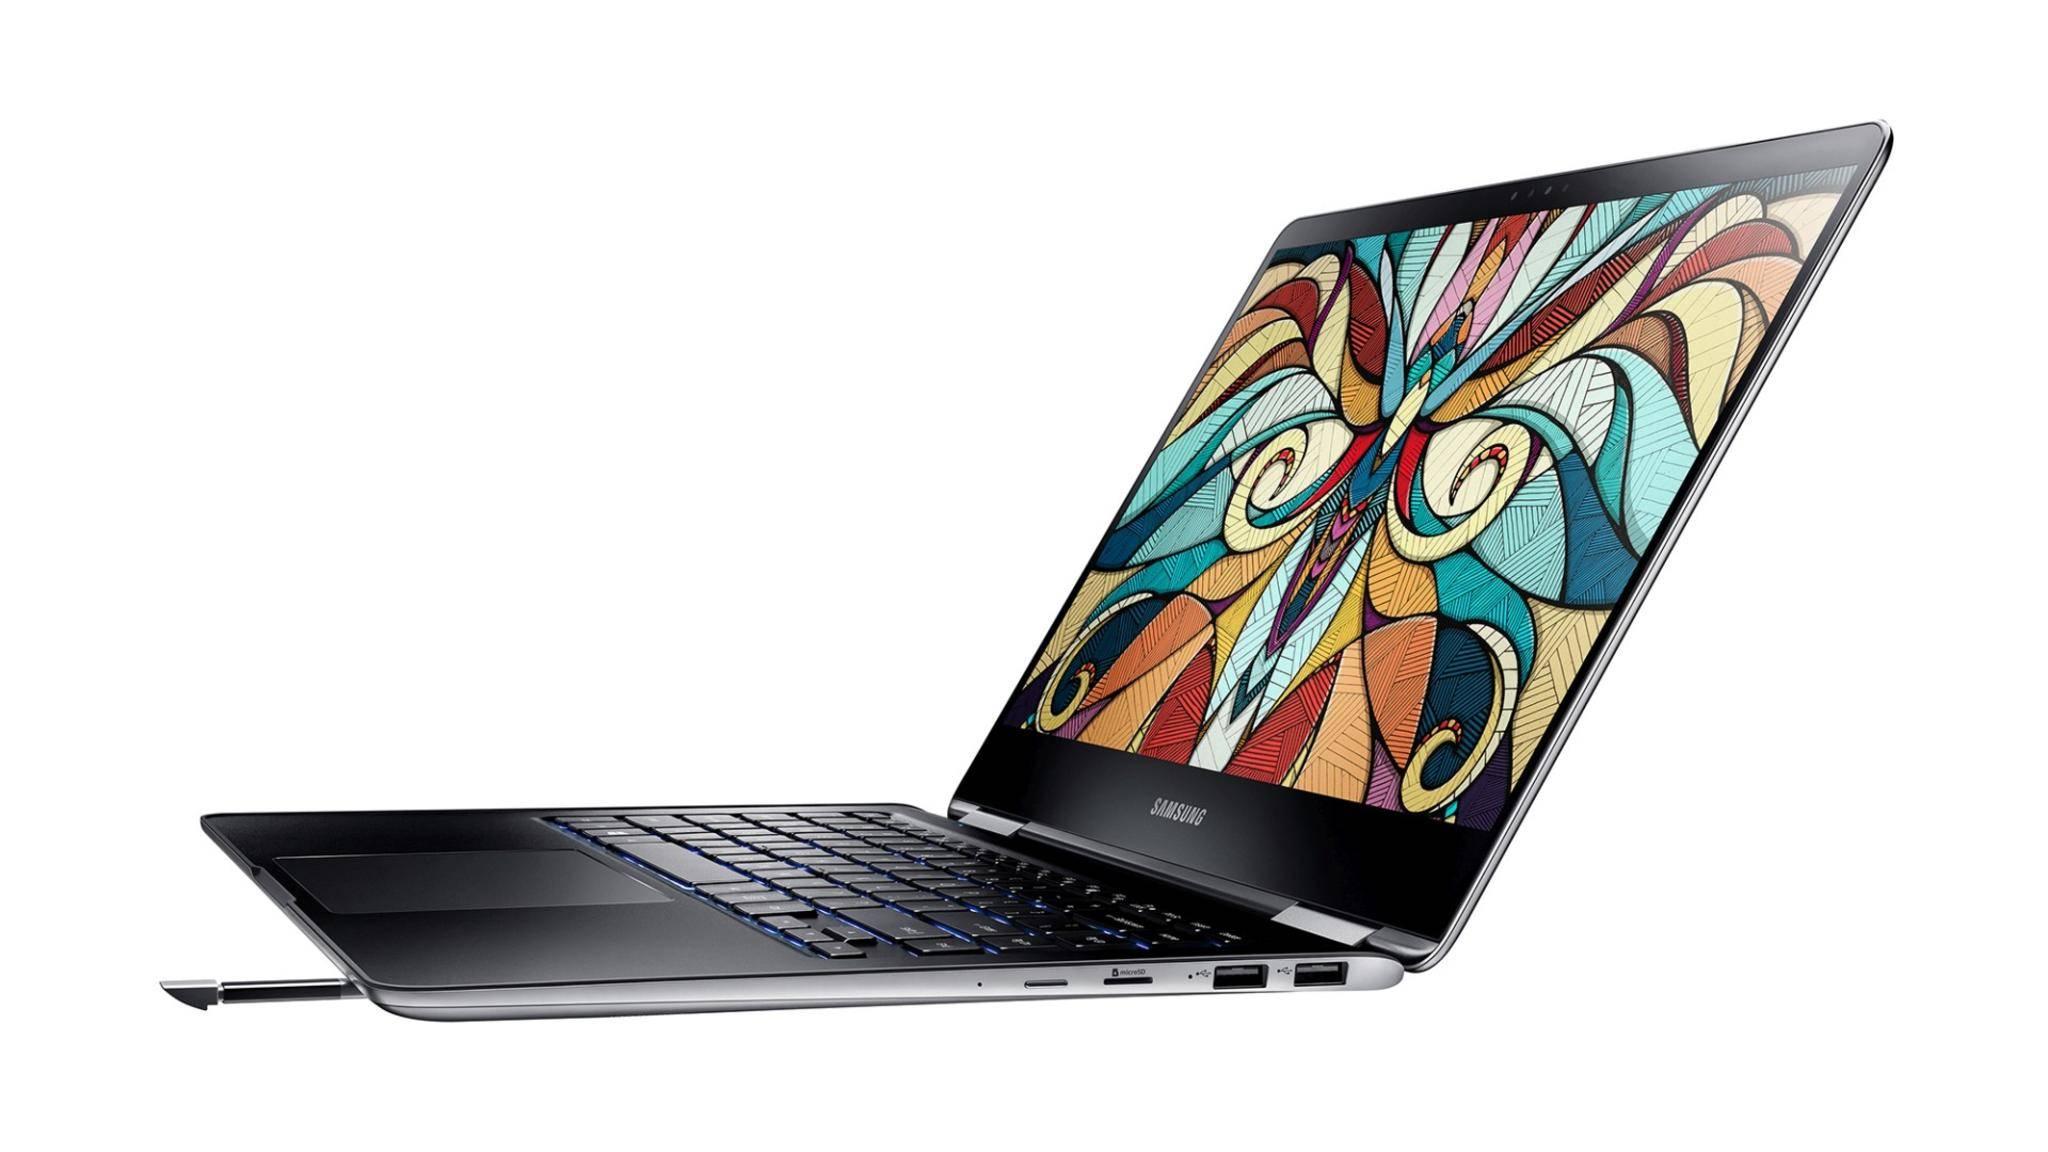 Samsung enthüllt neues Convertible 9 Pro